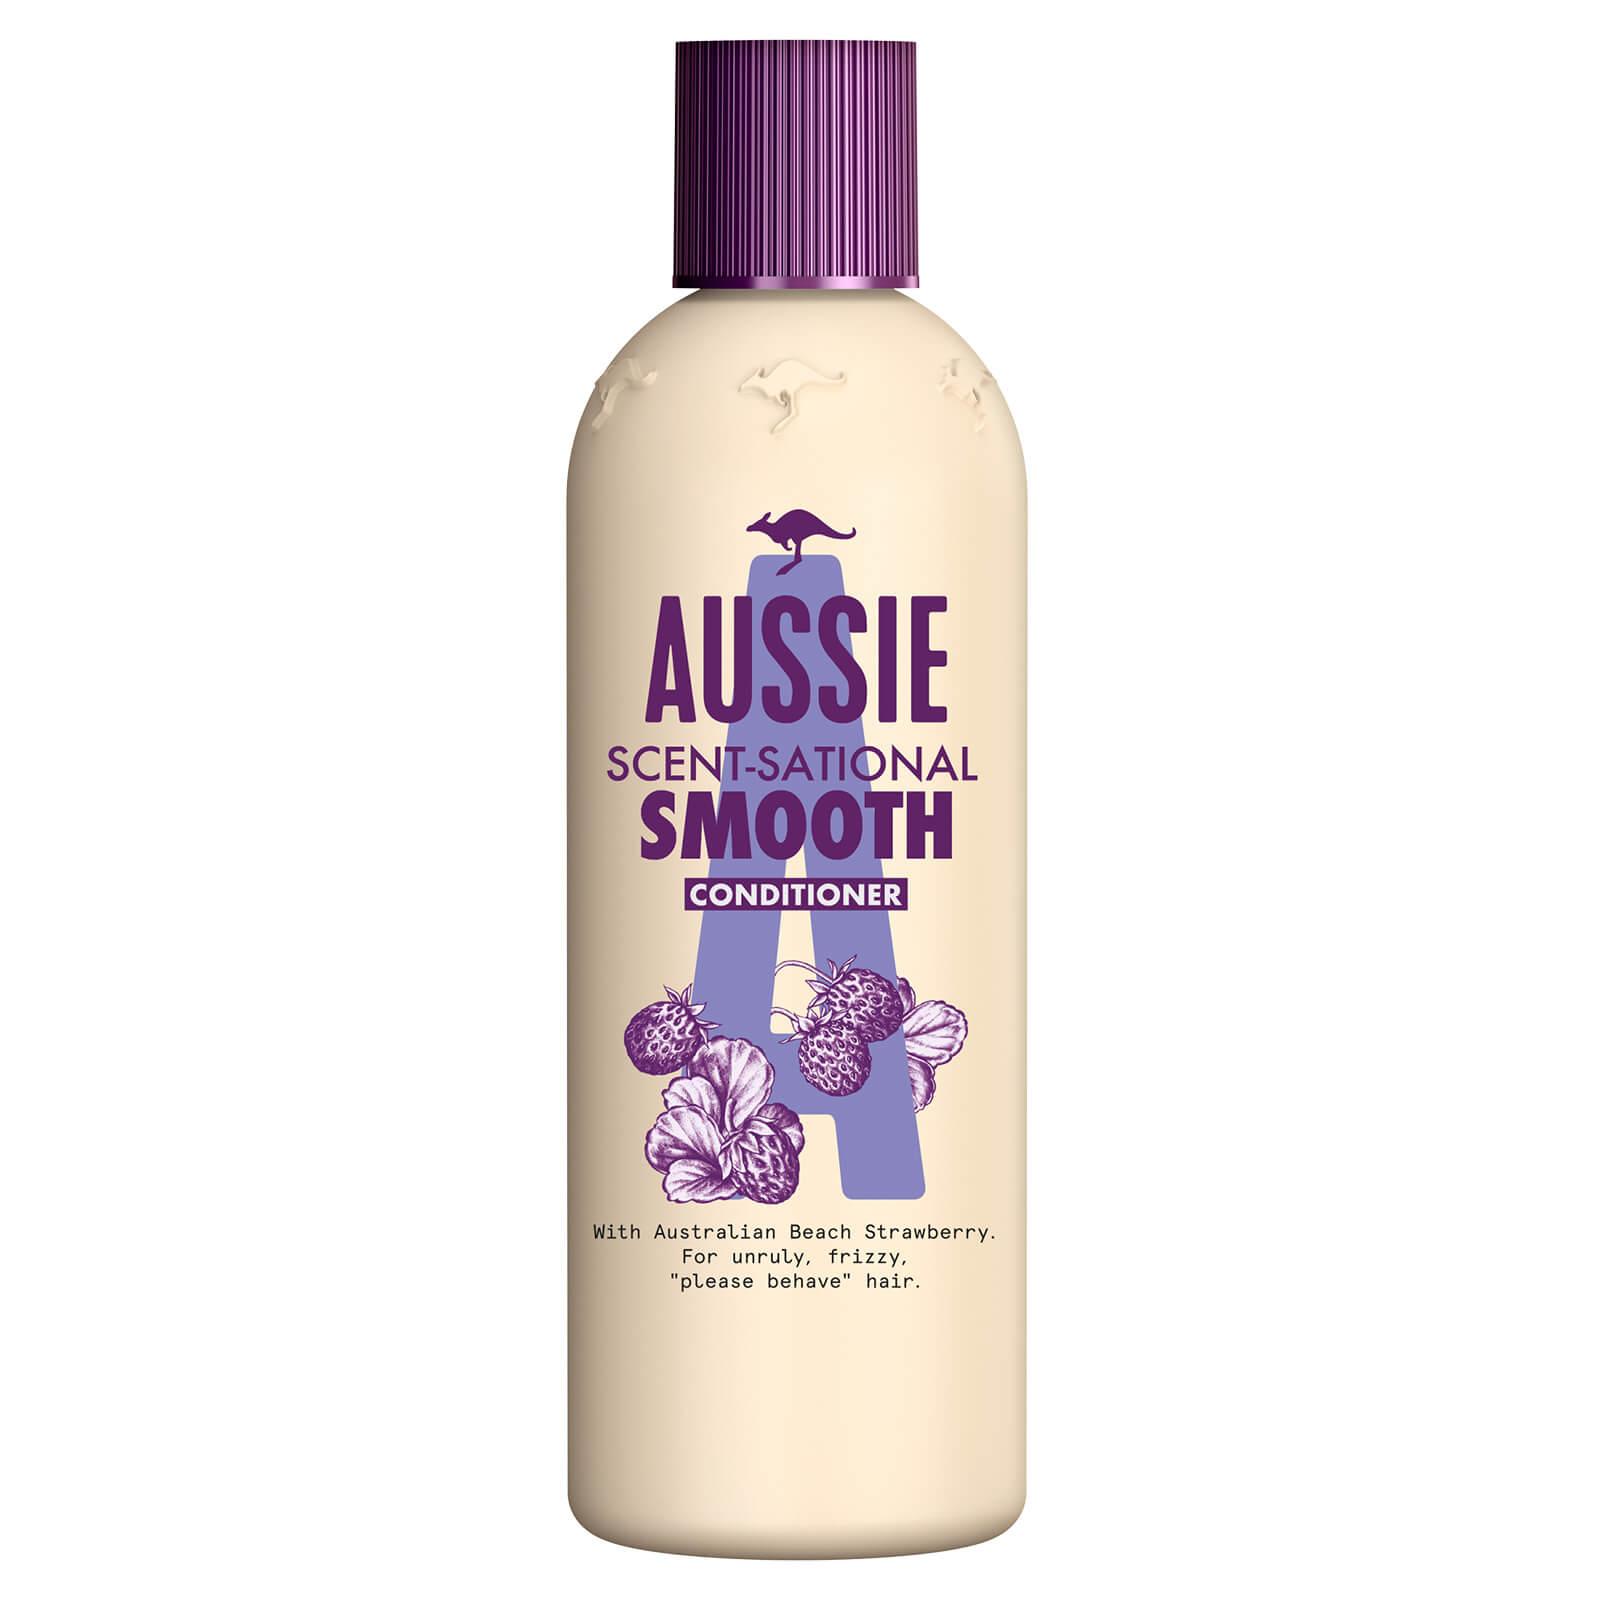 Купить Aussie Scent-Sational Smooth Hair Conditioner 250ml